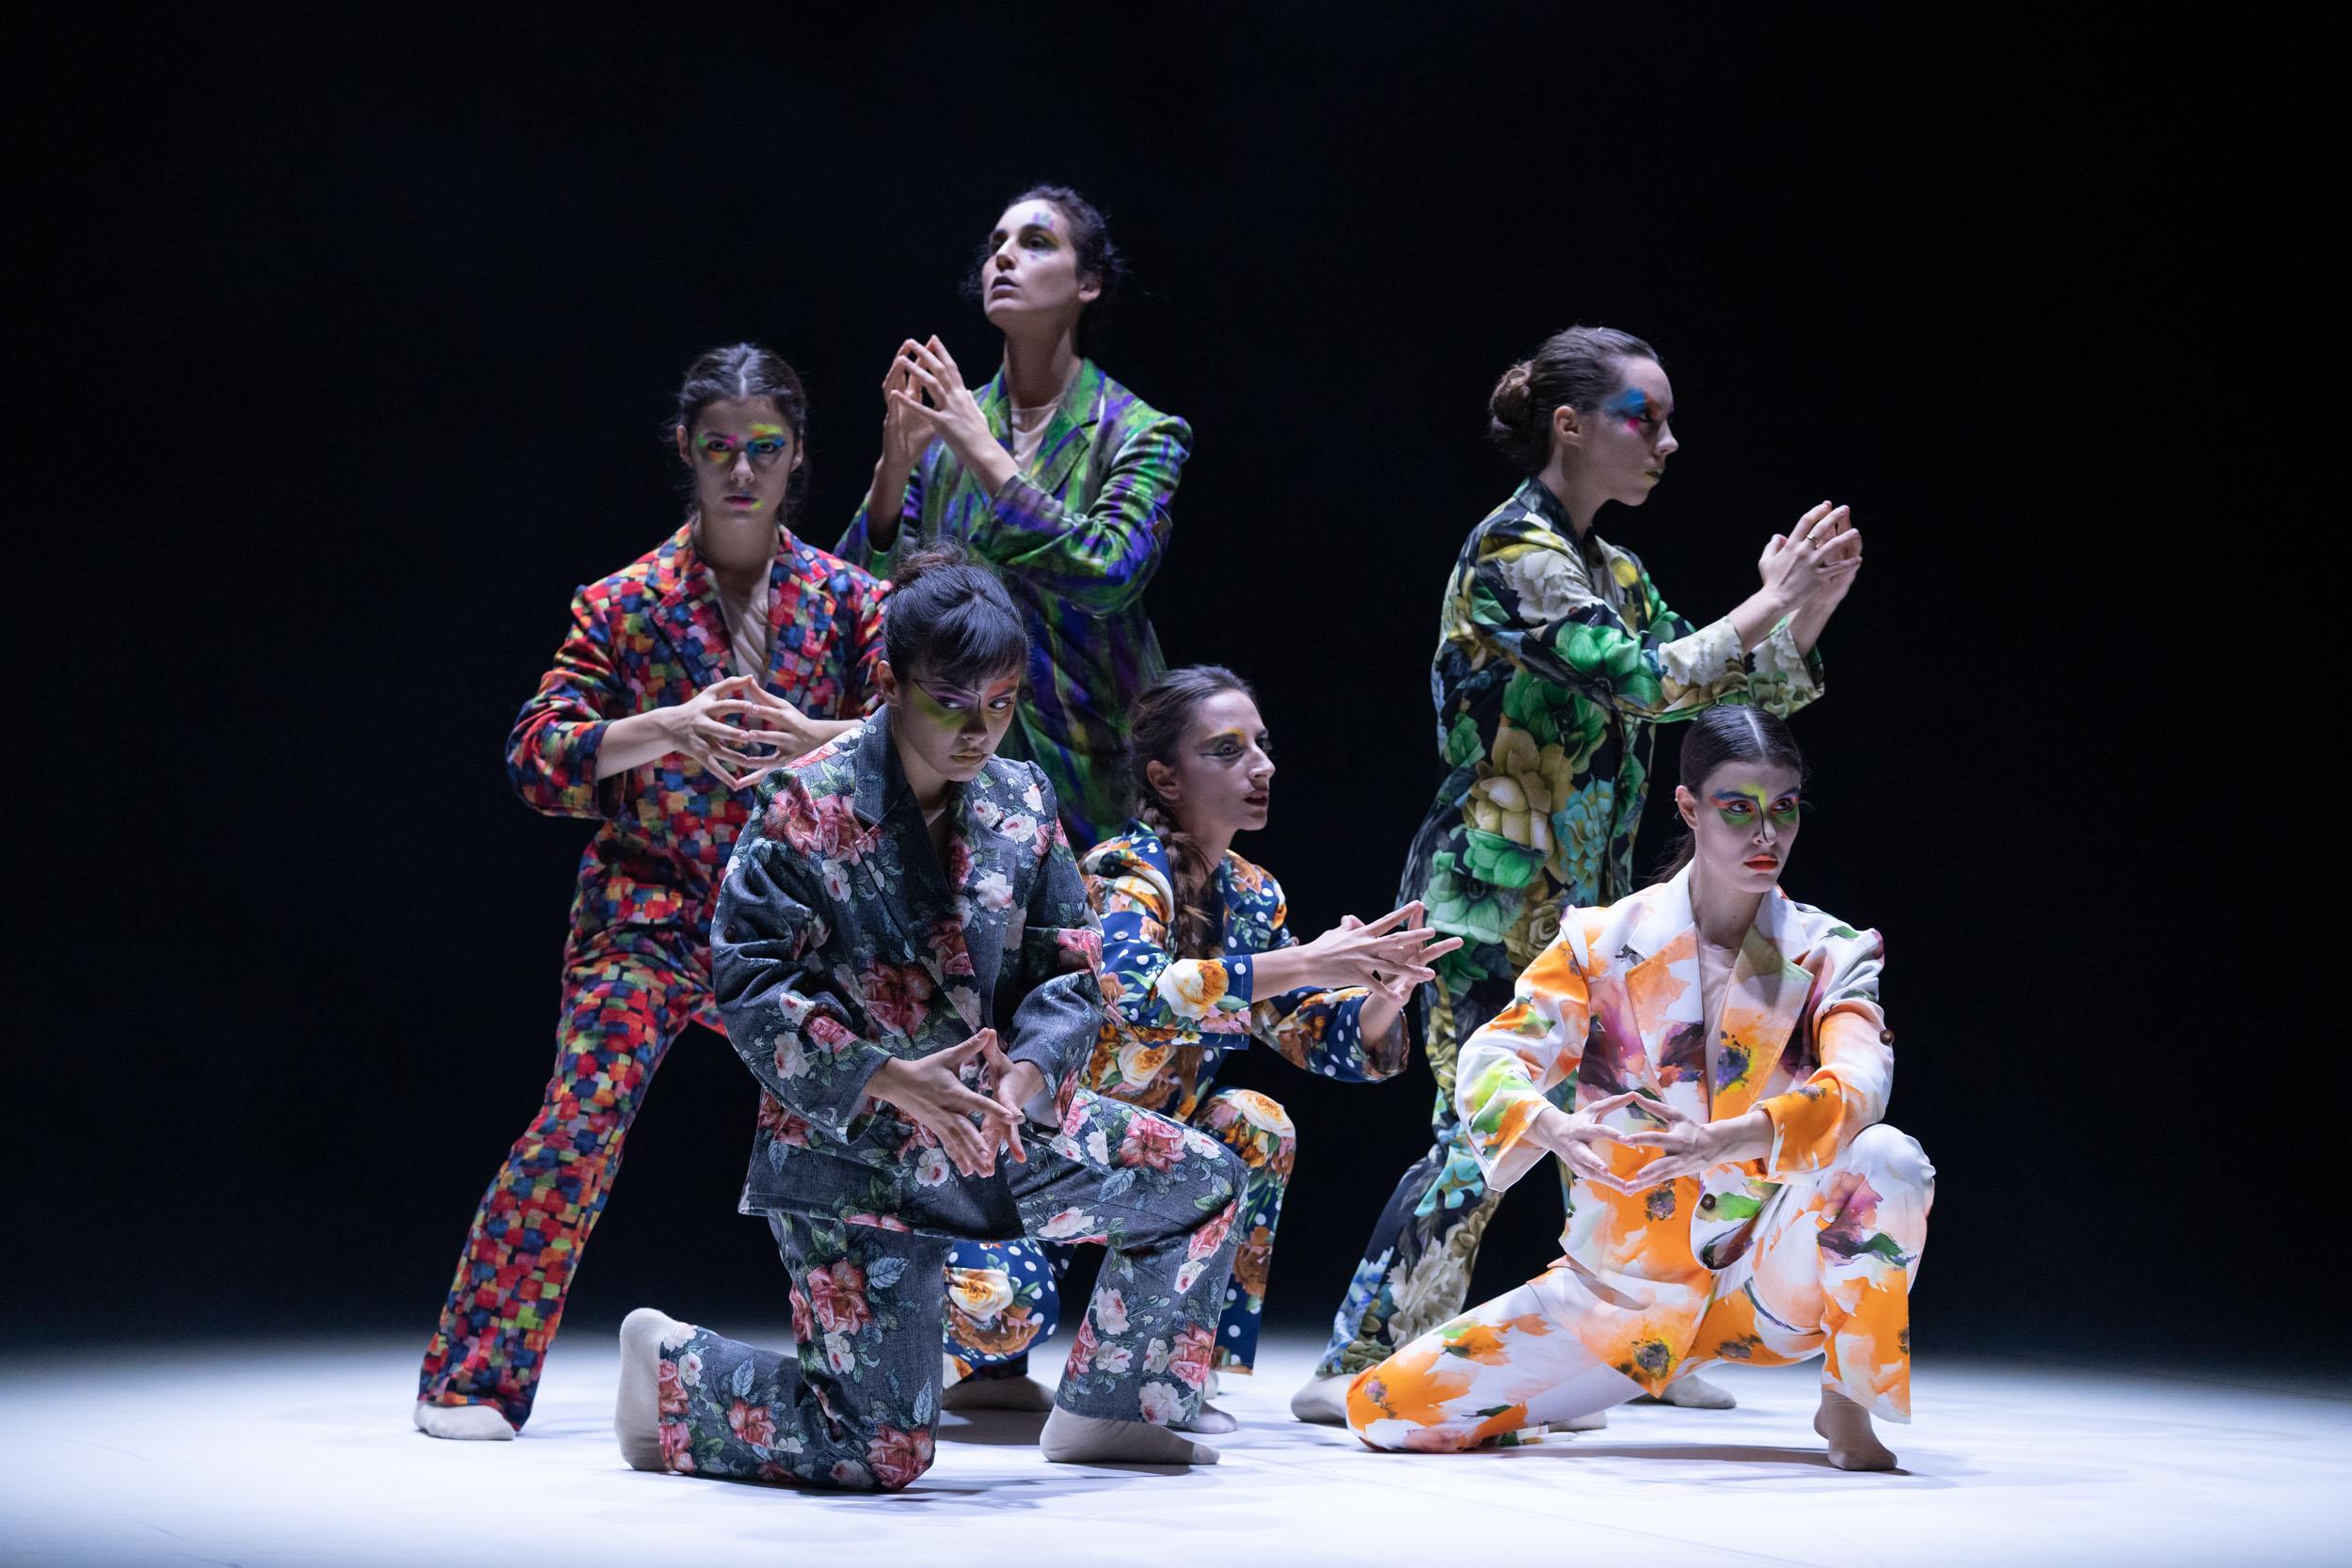 La compañía de danza Lava baila sus piezas Yalacha y Hush en el marco de MADferia en Madrid